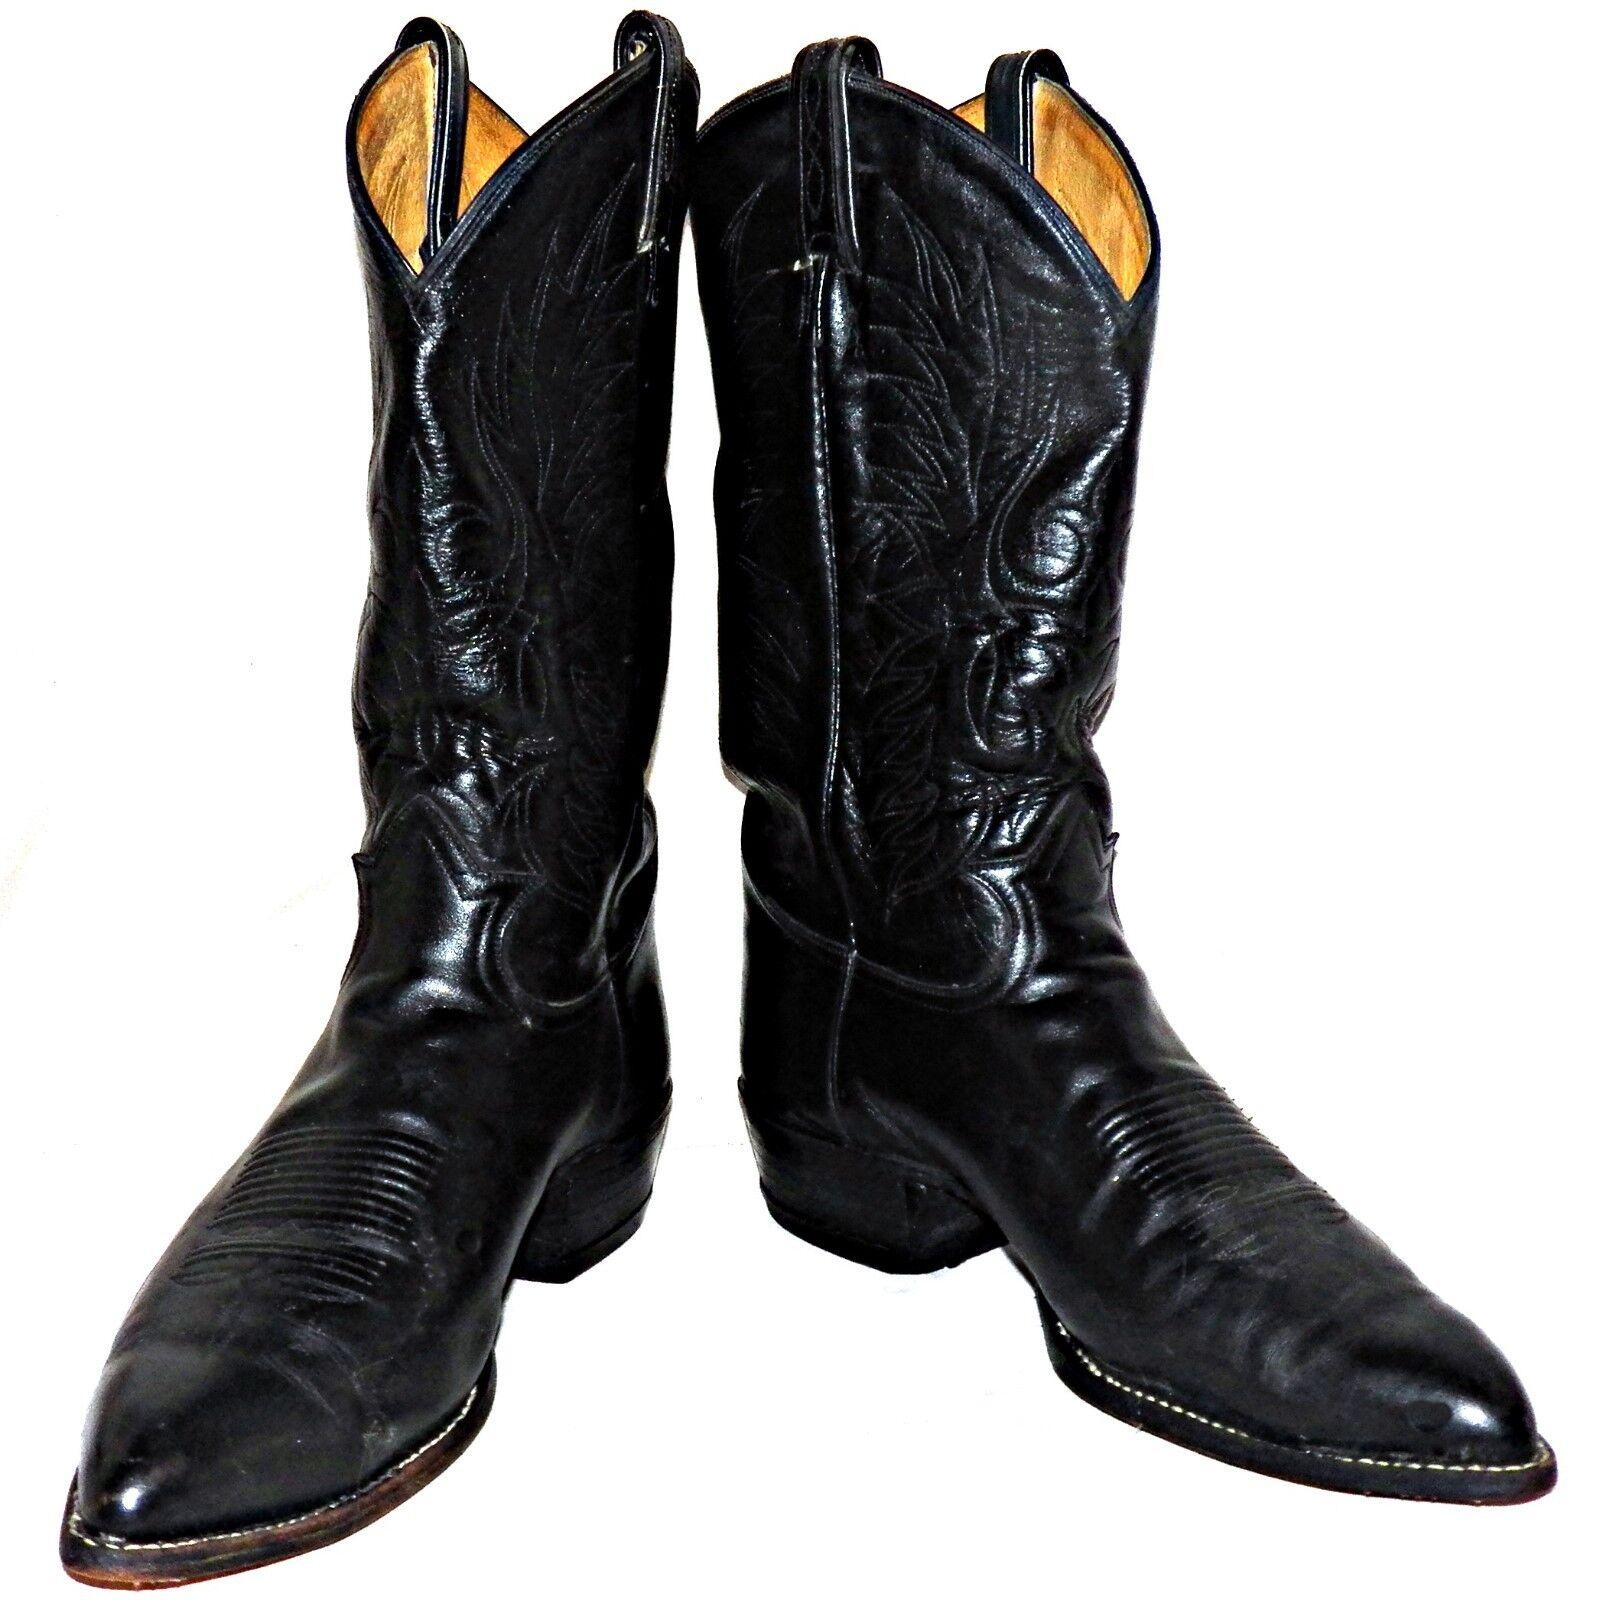 7e1f88d7760 Tony Lama negro Label Western Cowboy botas de cuero de becerro ancho 6711  10-1